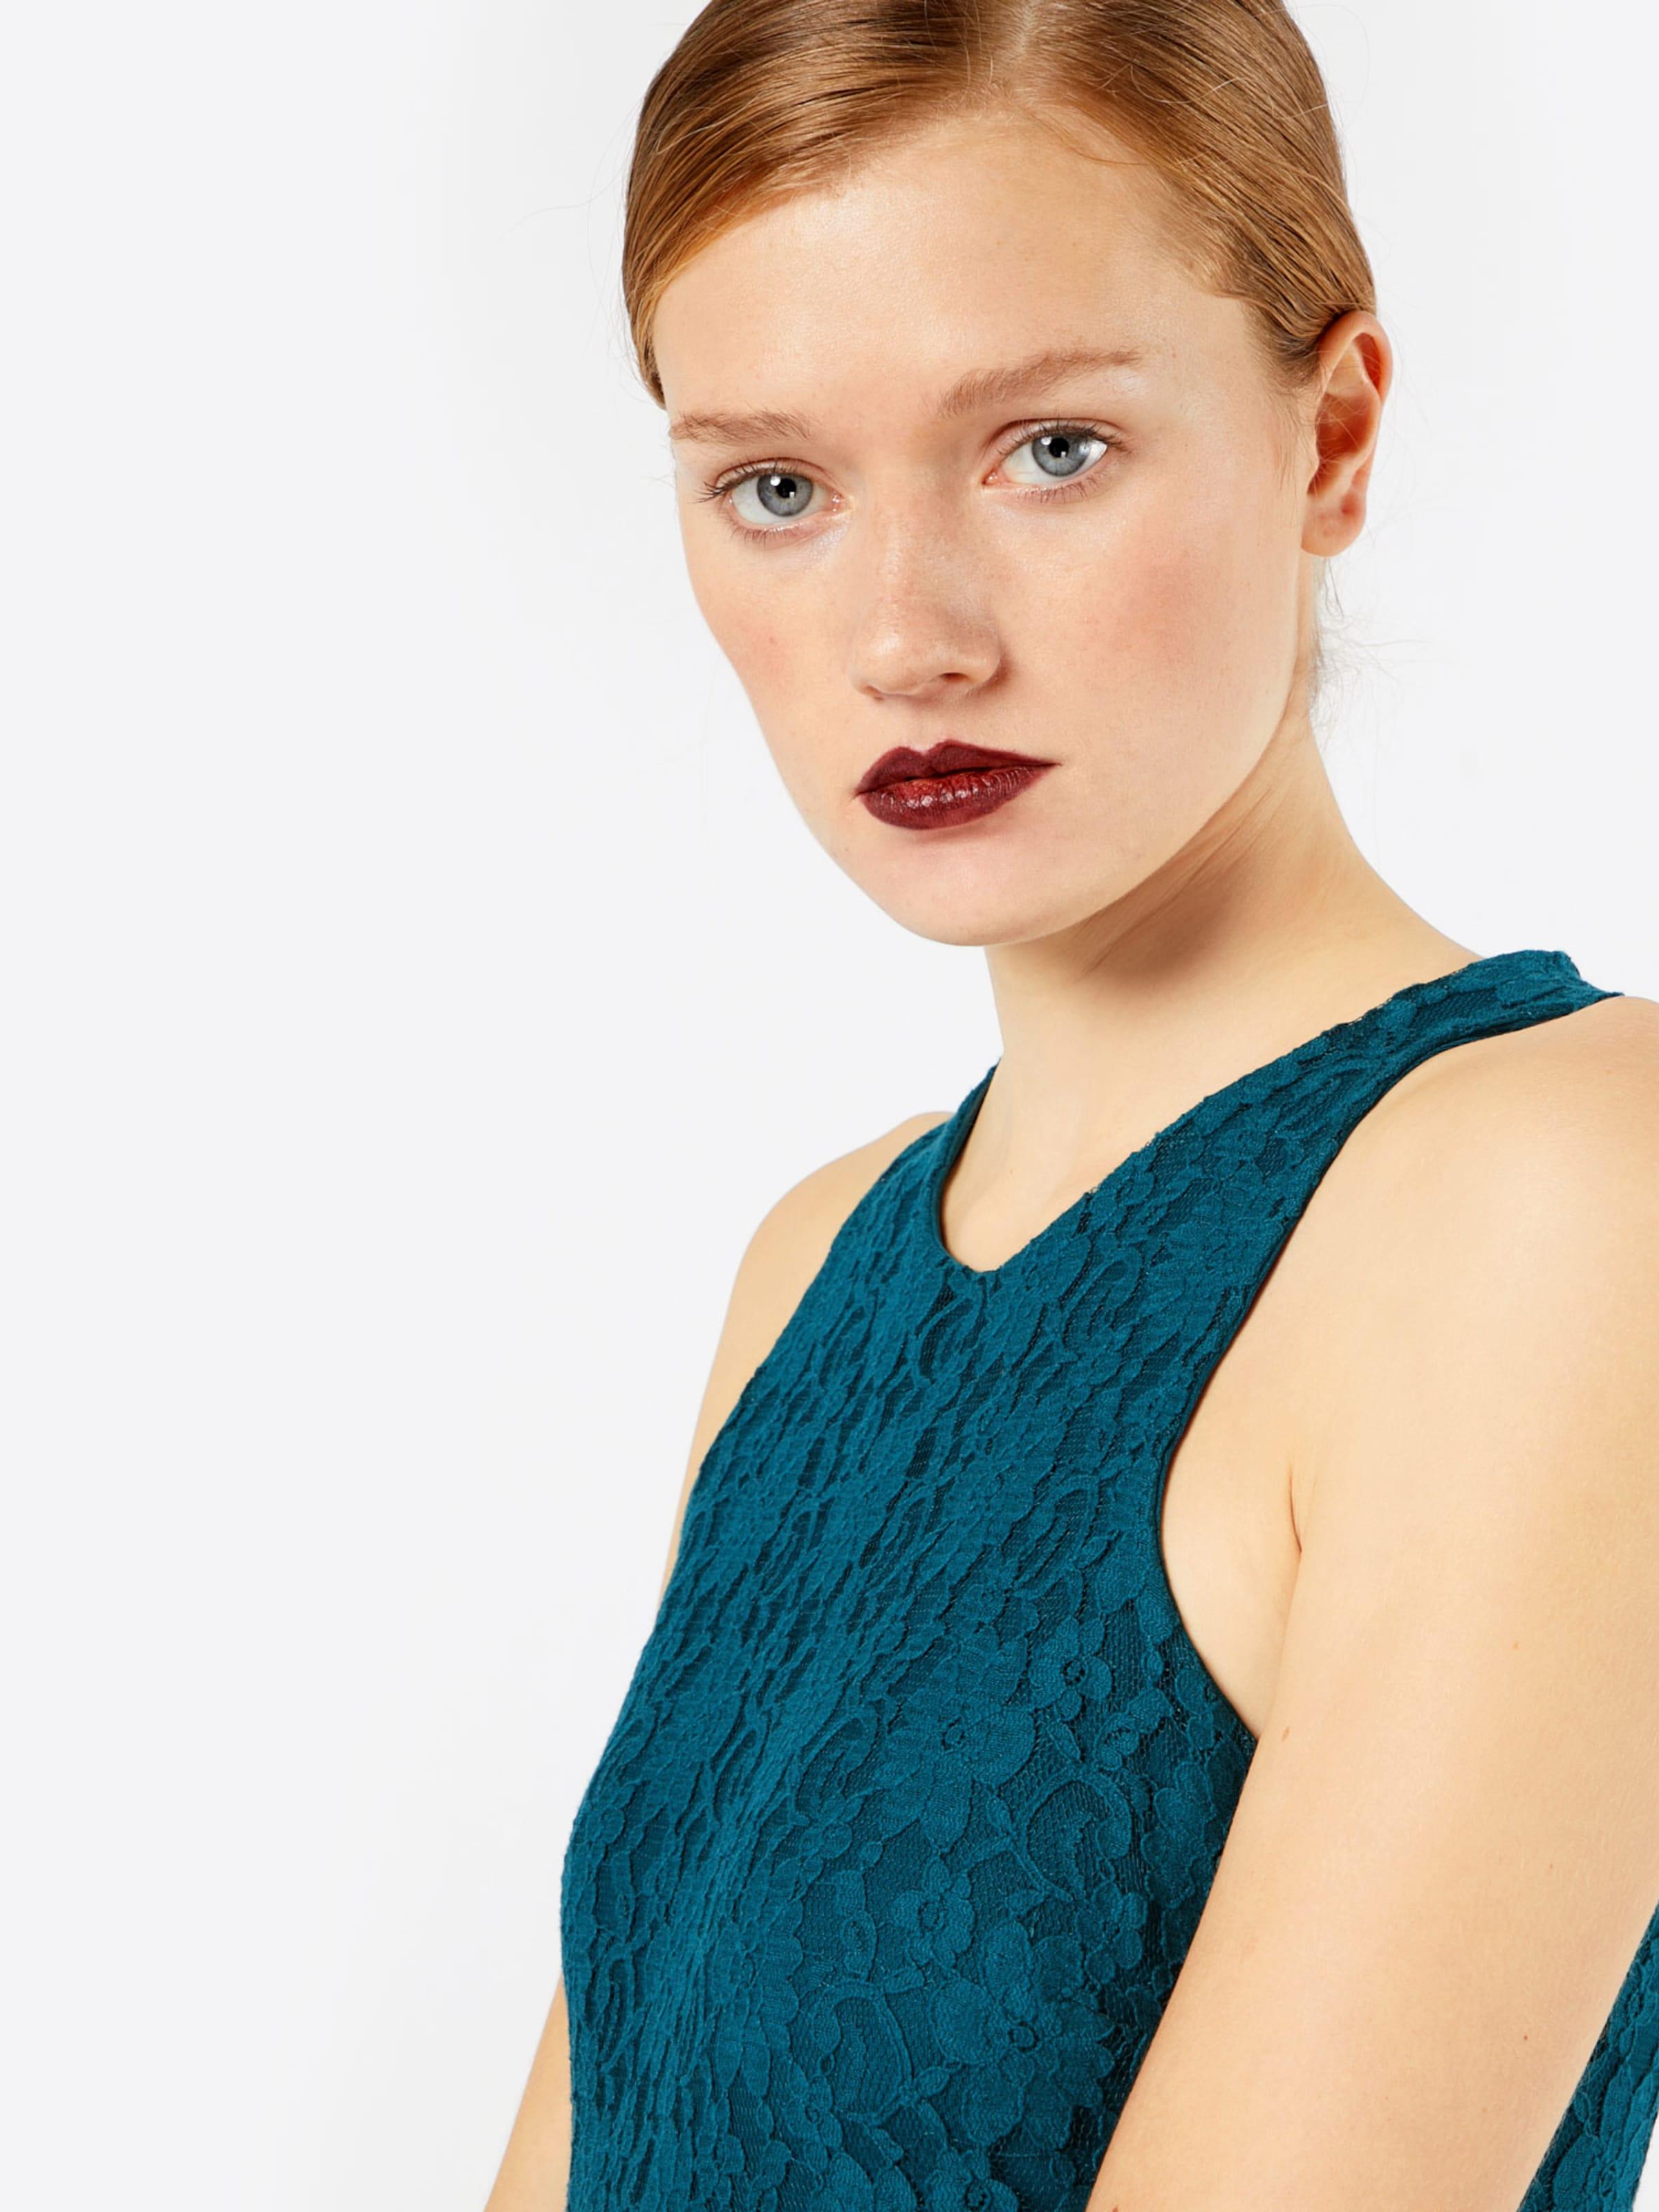 Kostengünstige Online Günstiger Preis Vorbestellung Anna Field Kleid 'Darkgreen' Günstig Kaufen Extrem Billiger Fabrikverkauf Freies Verschiffen Finden Große ZD53TT